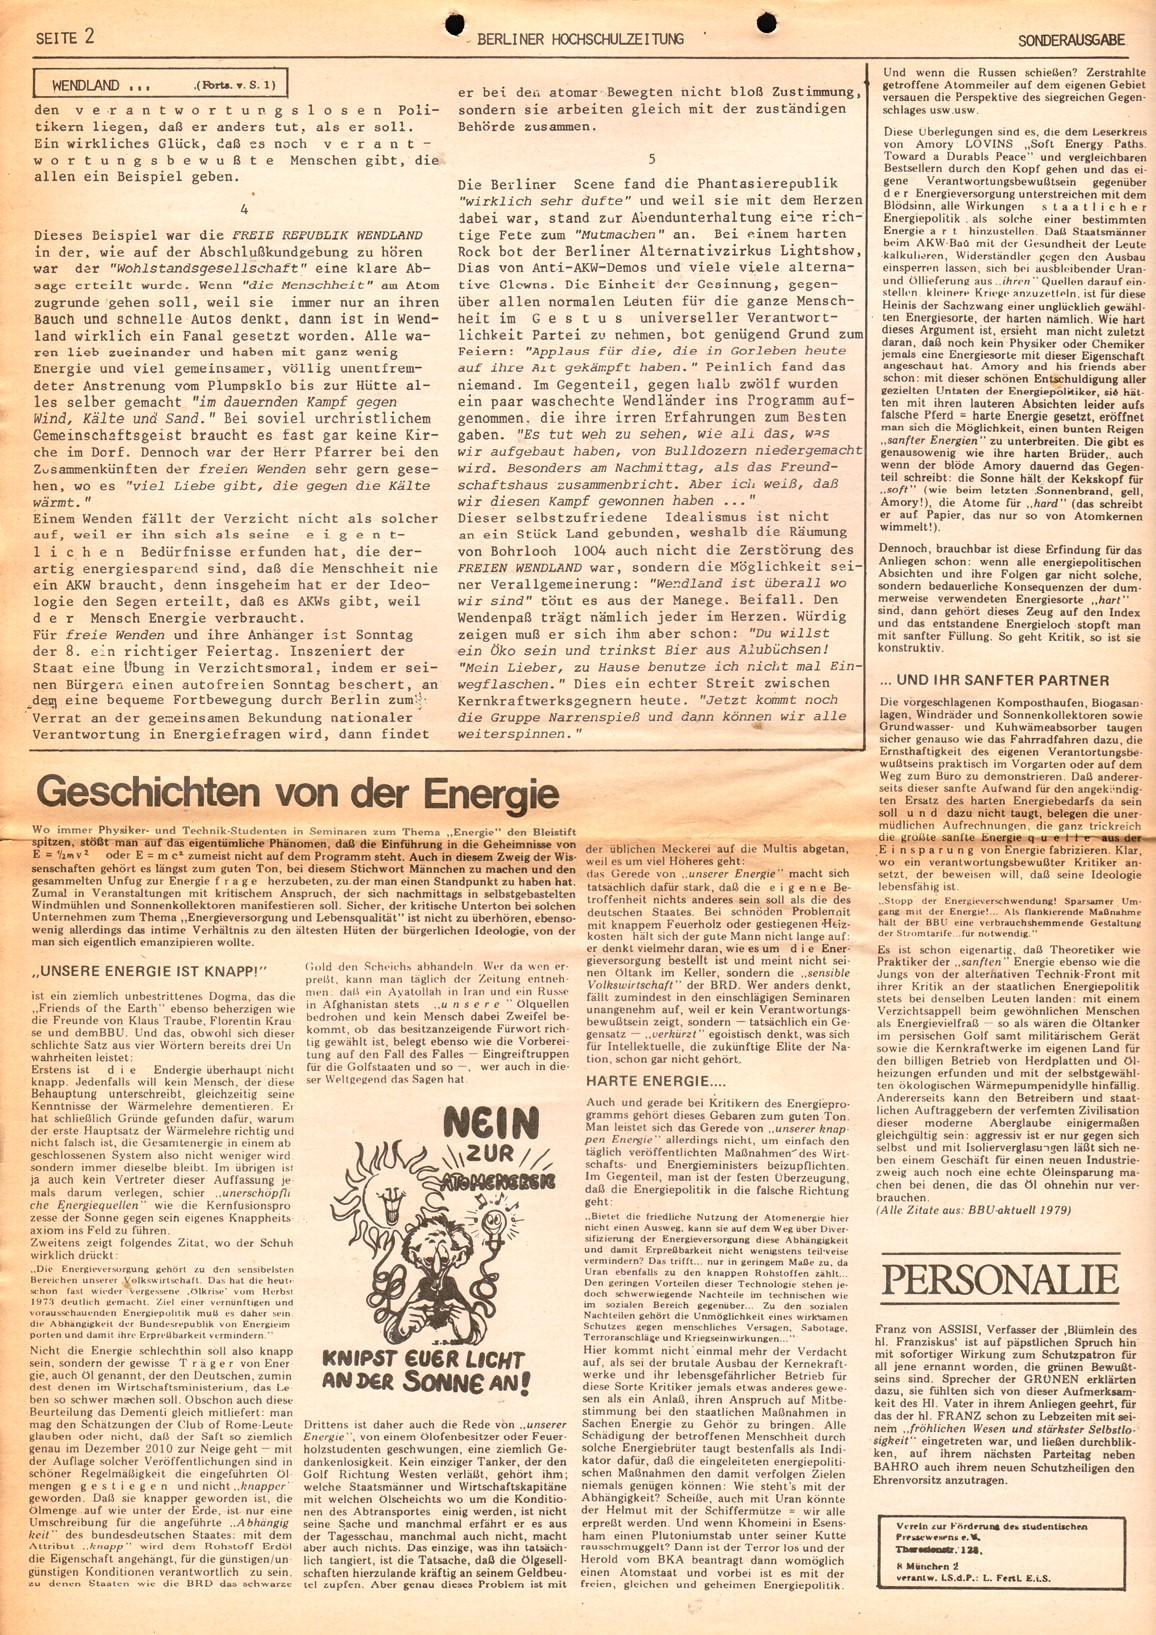 Berlin_MG_Hochschulzeitung_19800800_02